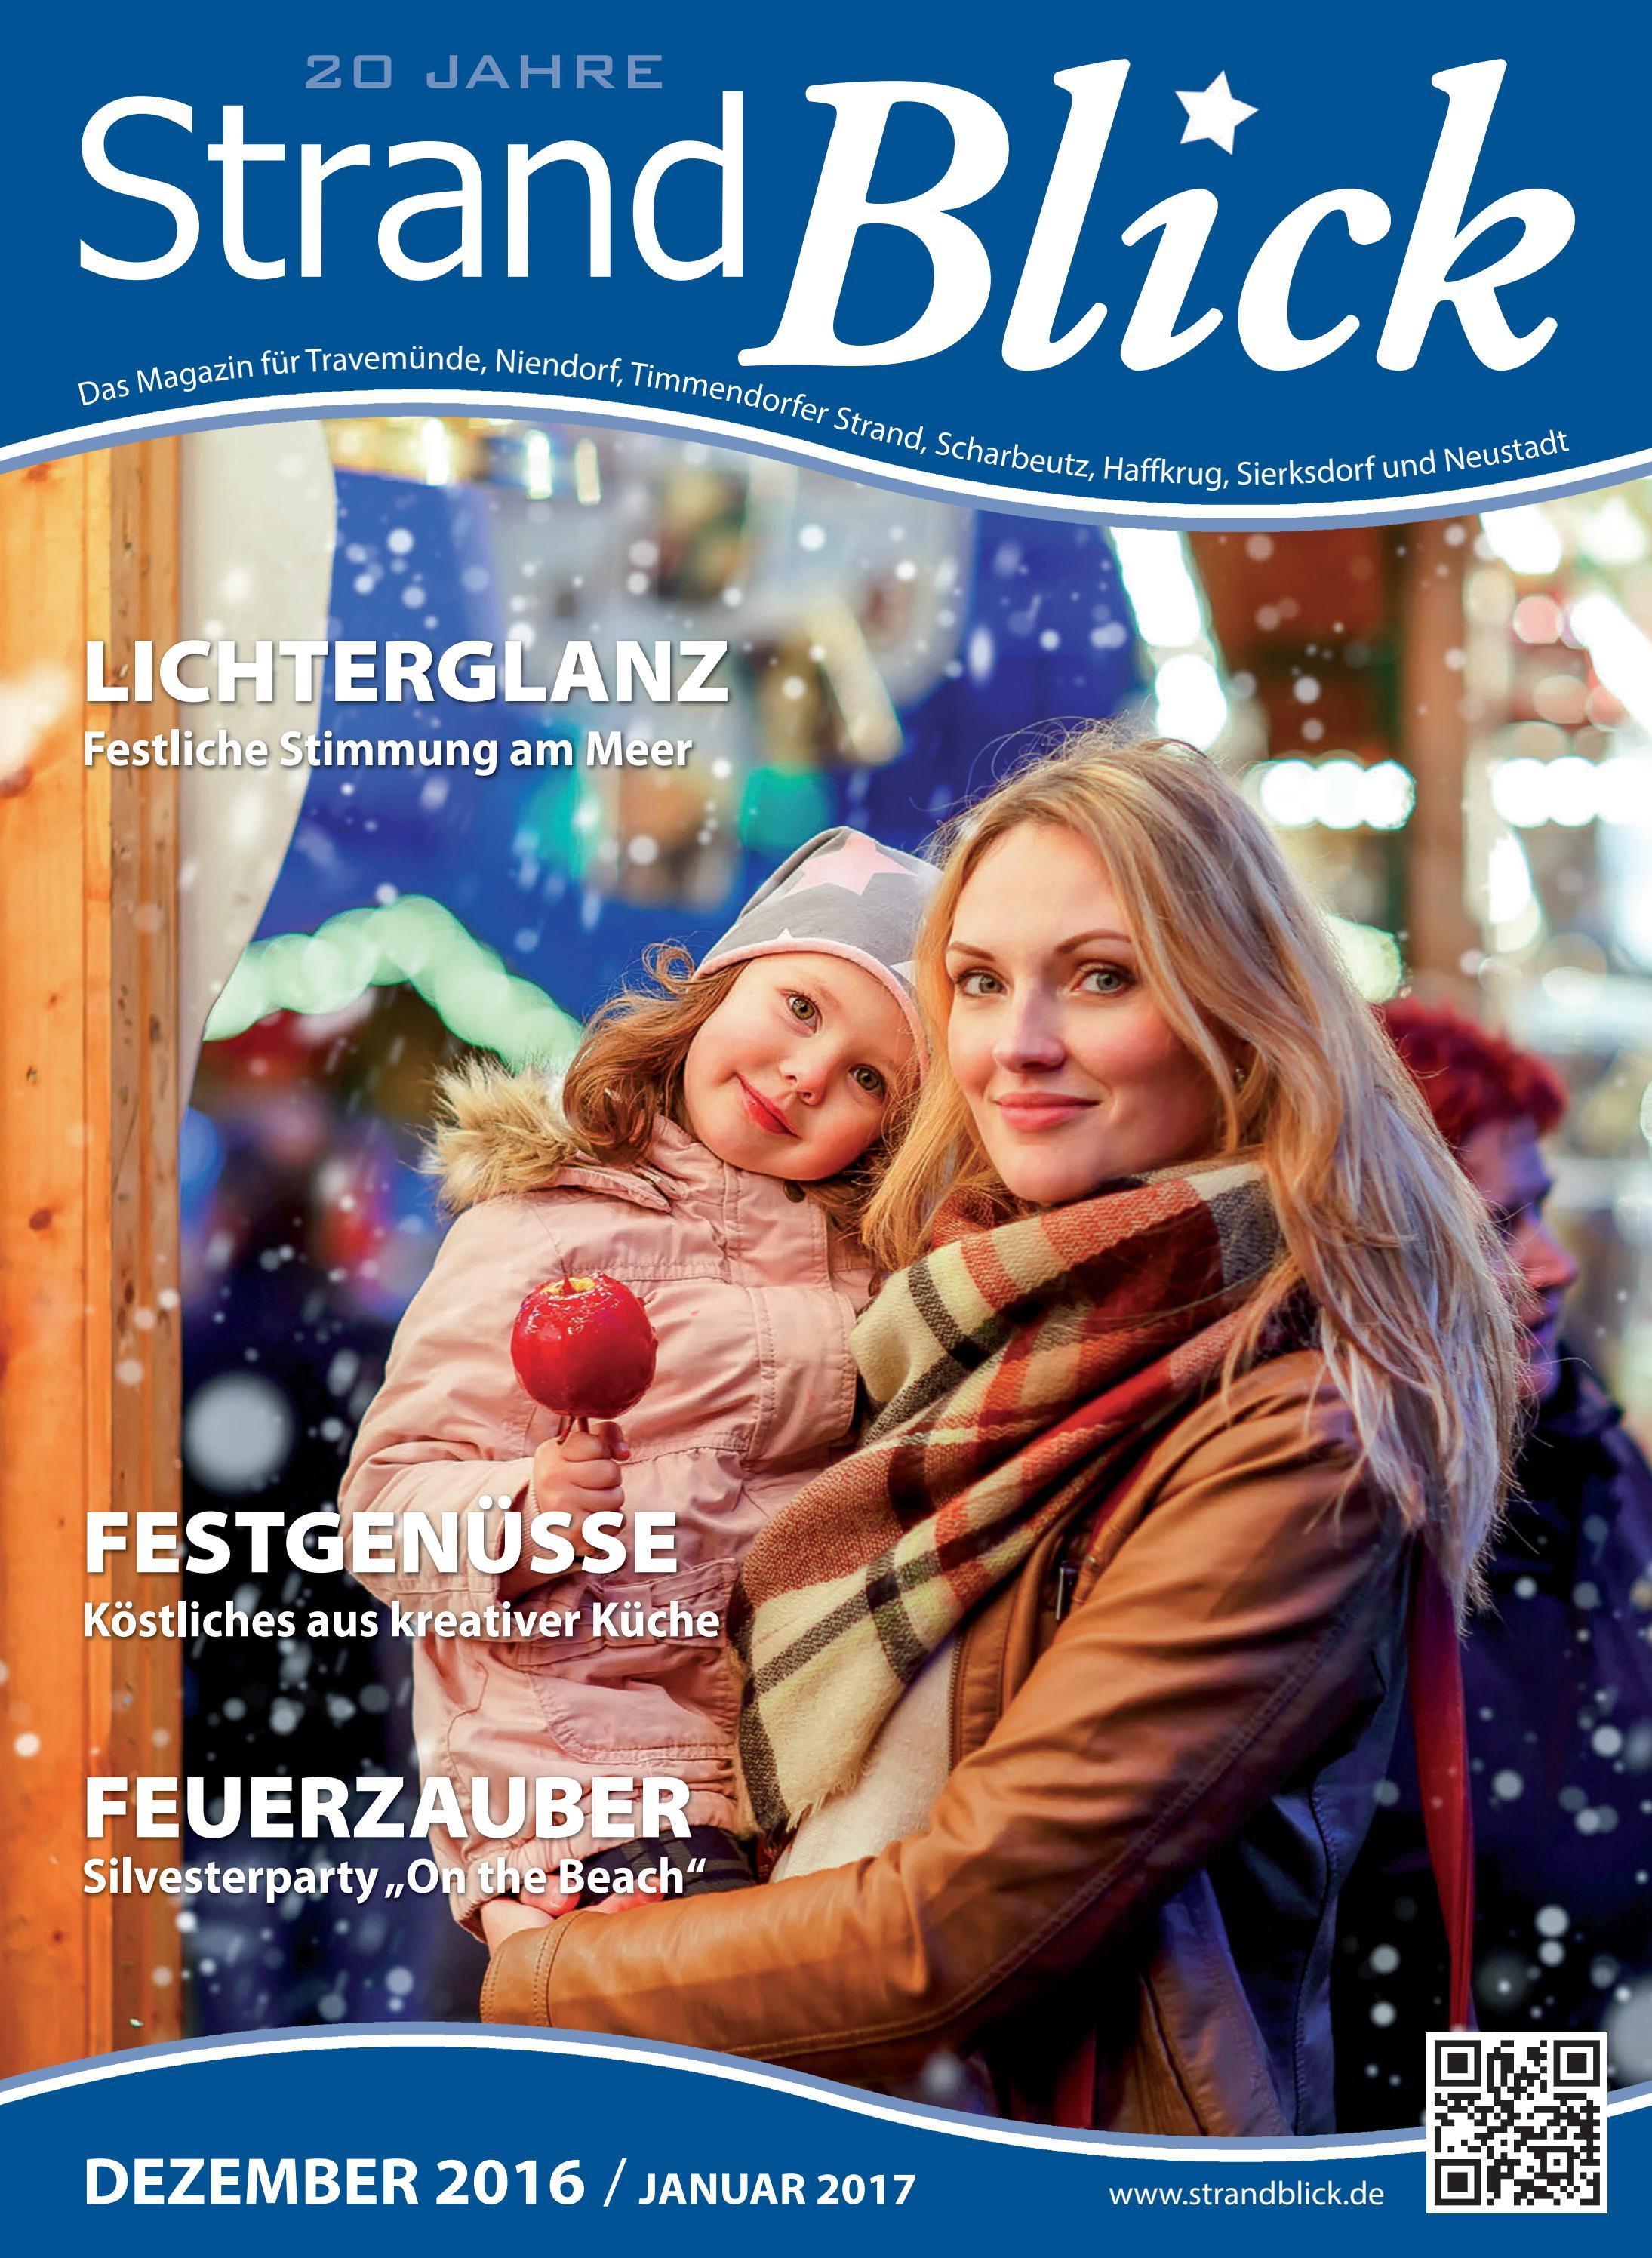 Strandblick Dezember 2016 by StrandBlick - issuu